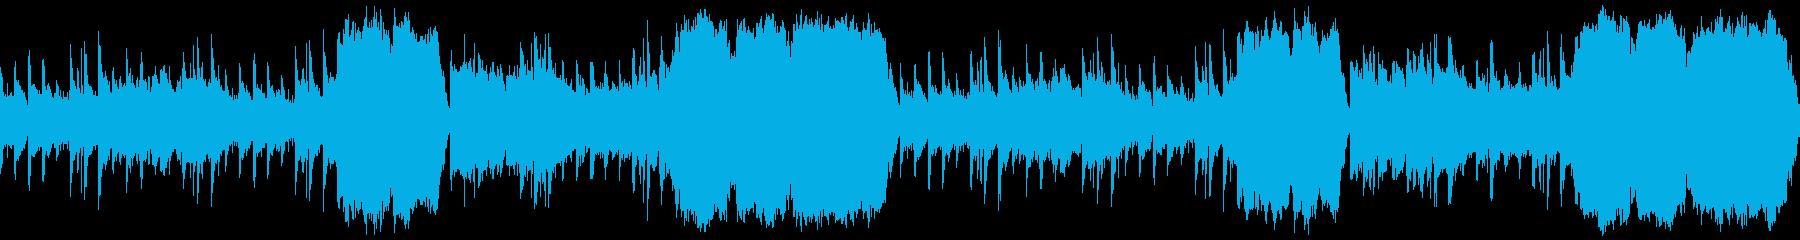 【ドラム抜き】感動系壮大エピックサウンドの再生済みの波形